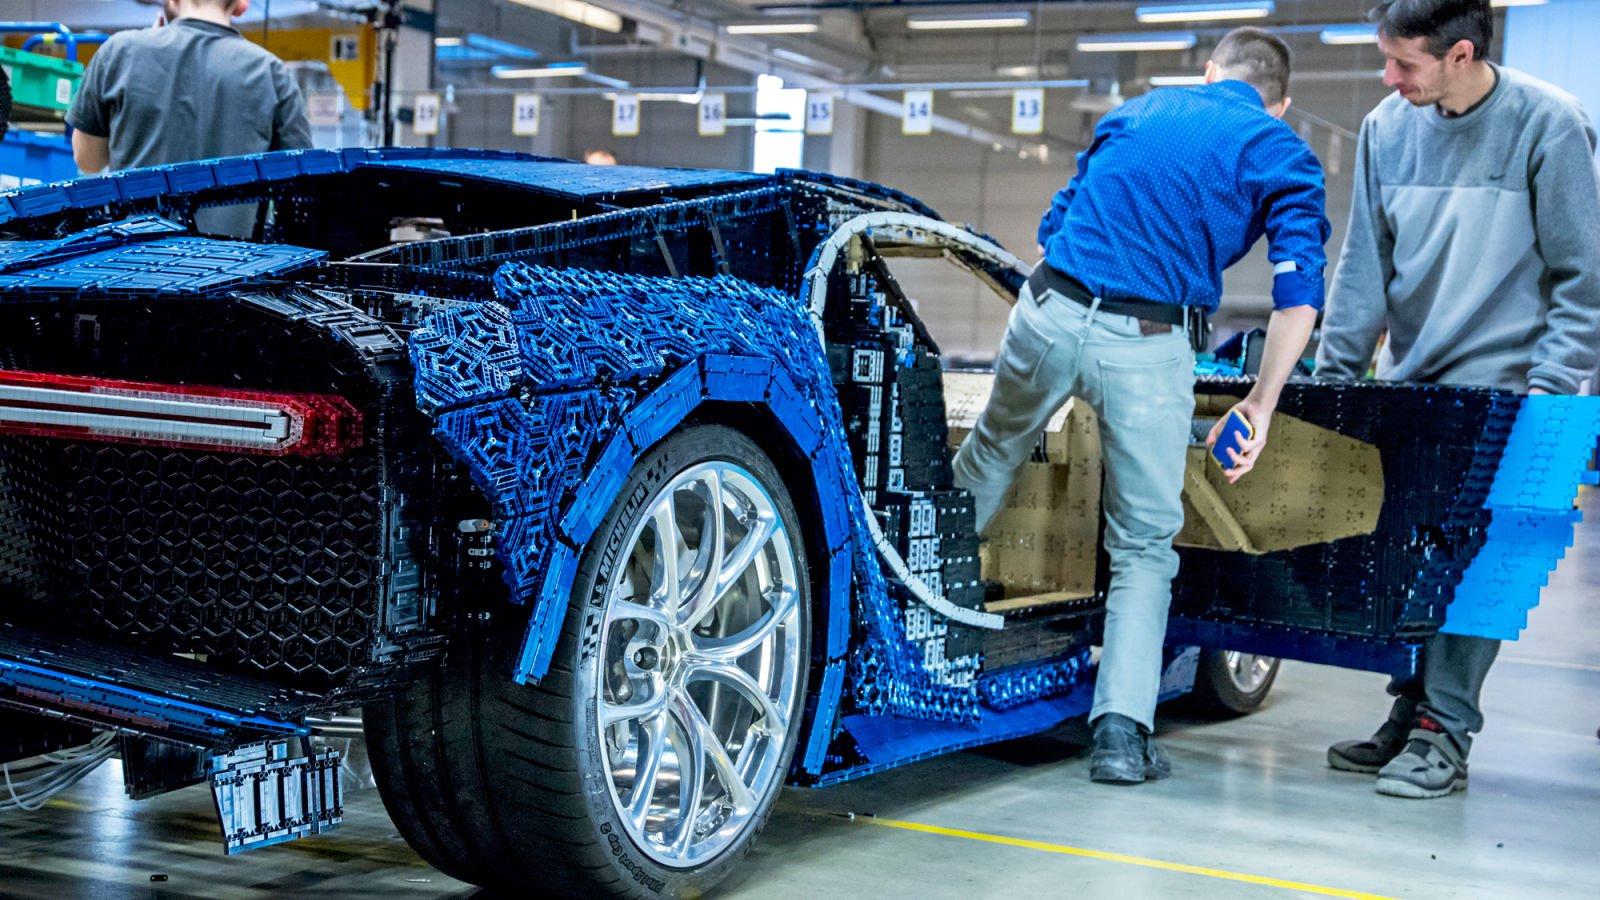 LEGO constrói réplica funcional em tamanho real de um Bugatti Chiron